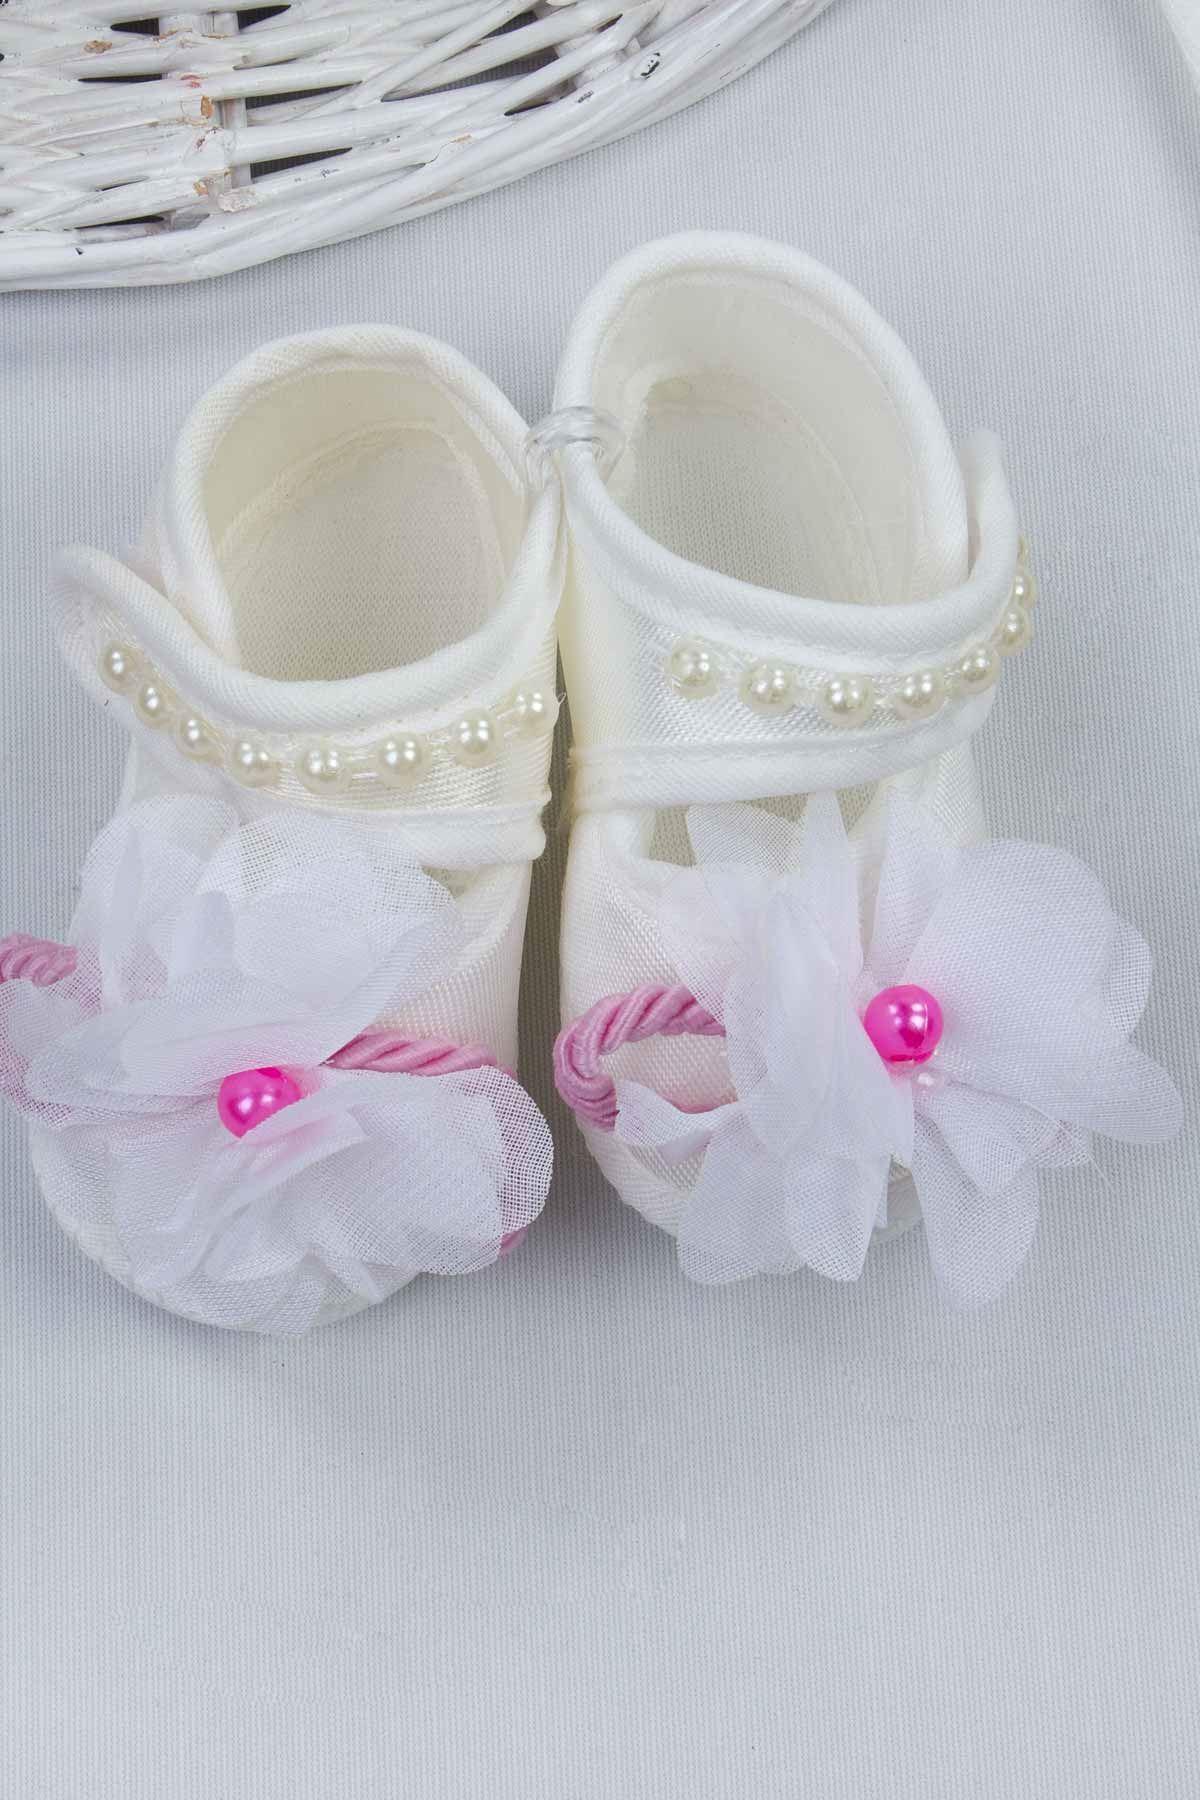 Pembe Kız Bebek 3 lü Hediyelik Çorap Bandana Ayakkabı Set